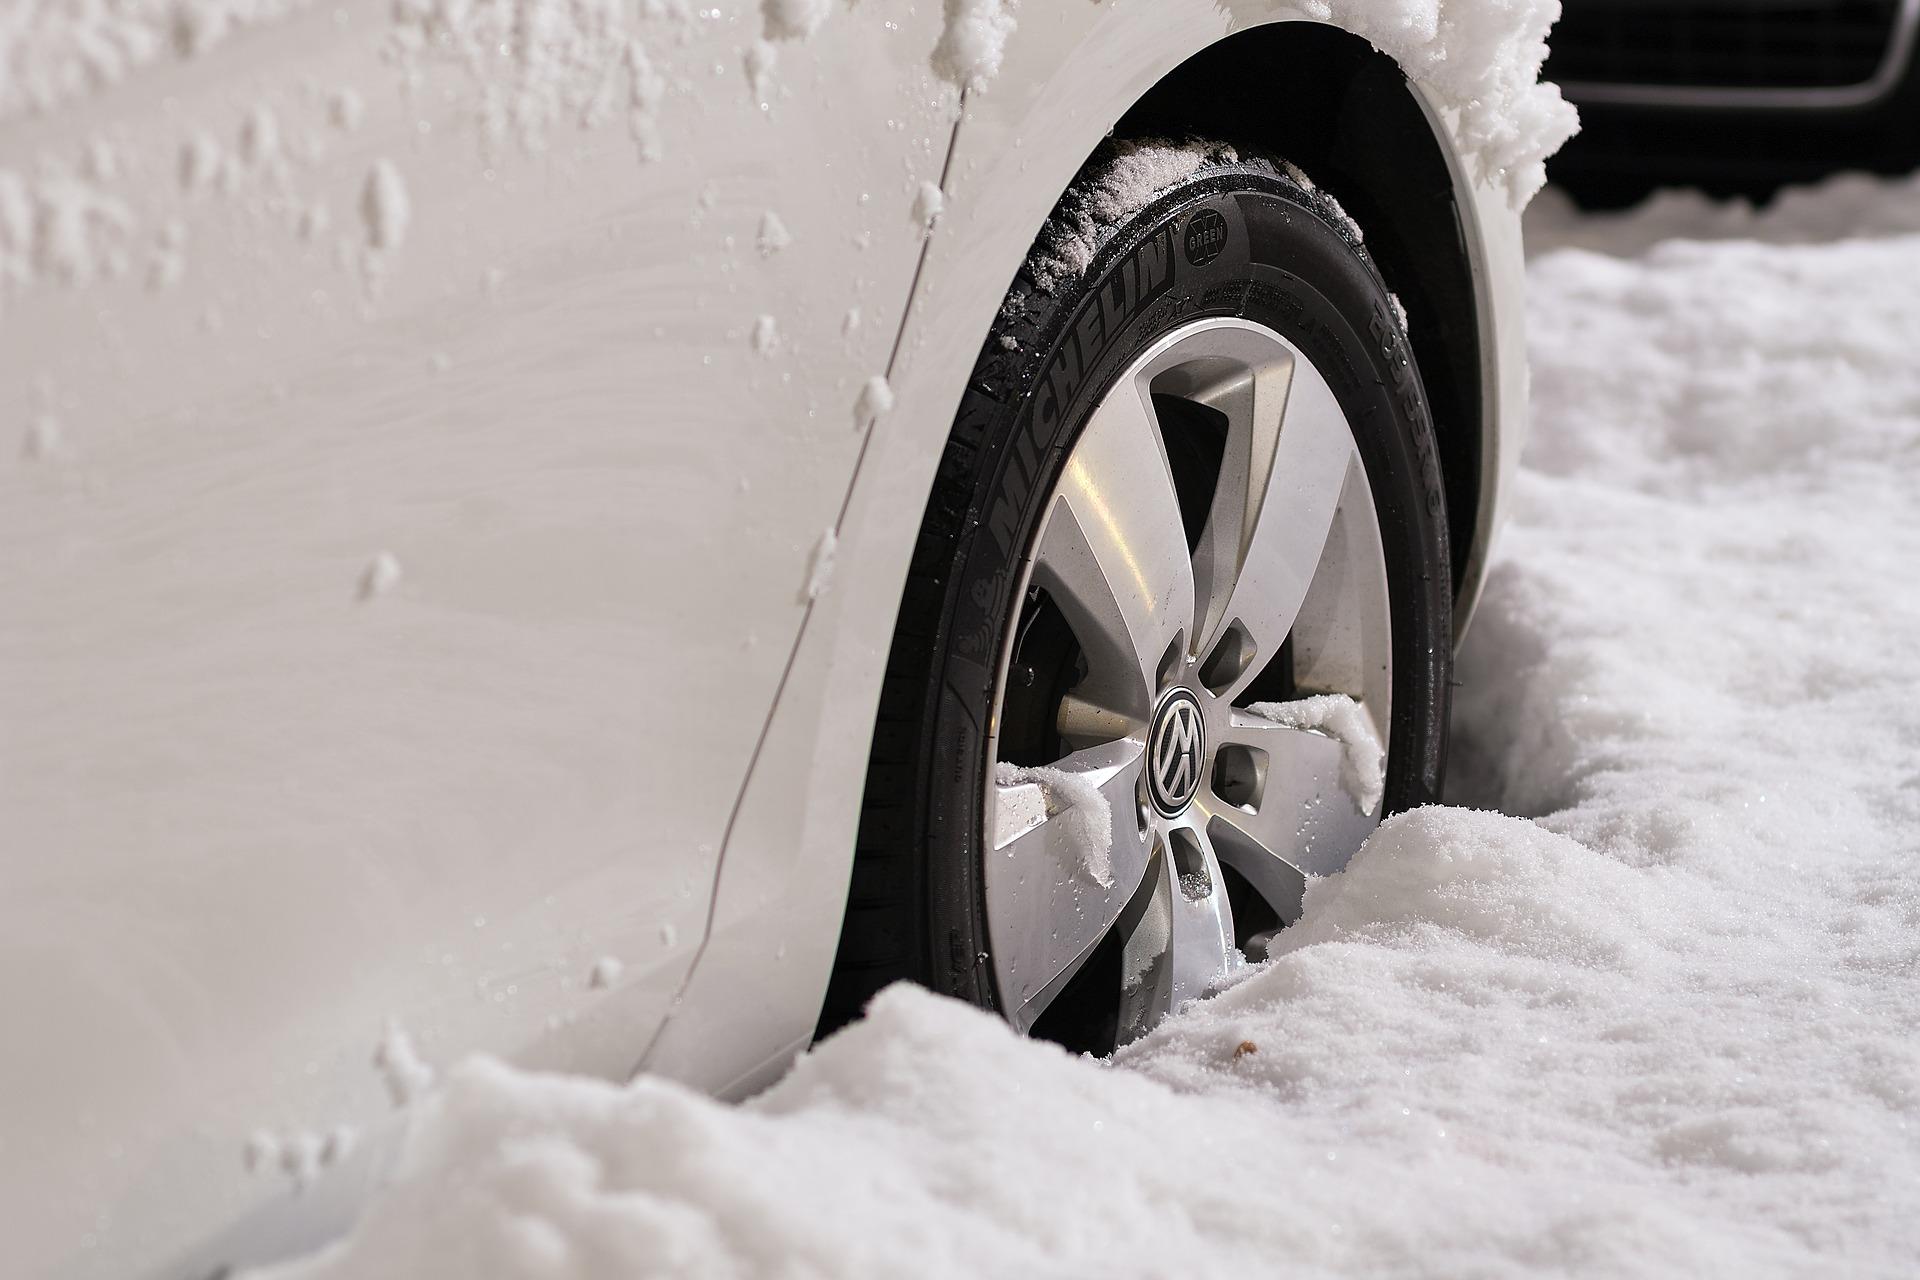 Kuidas lumme kinni jäänud auto liikuma saada?